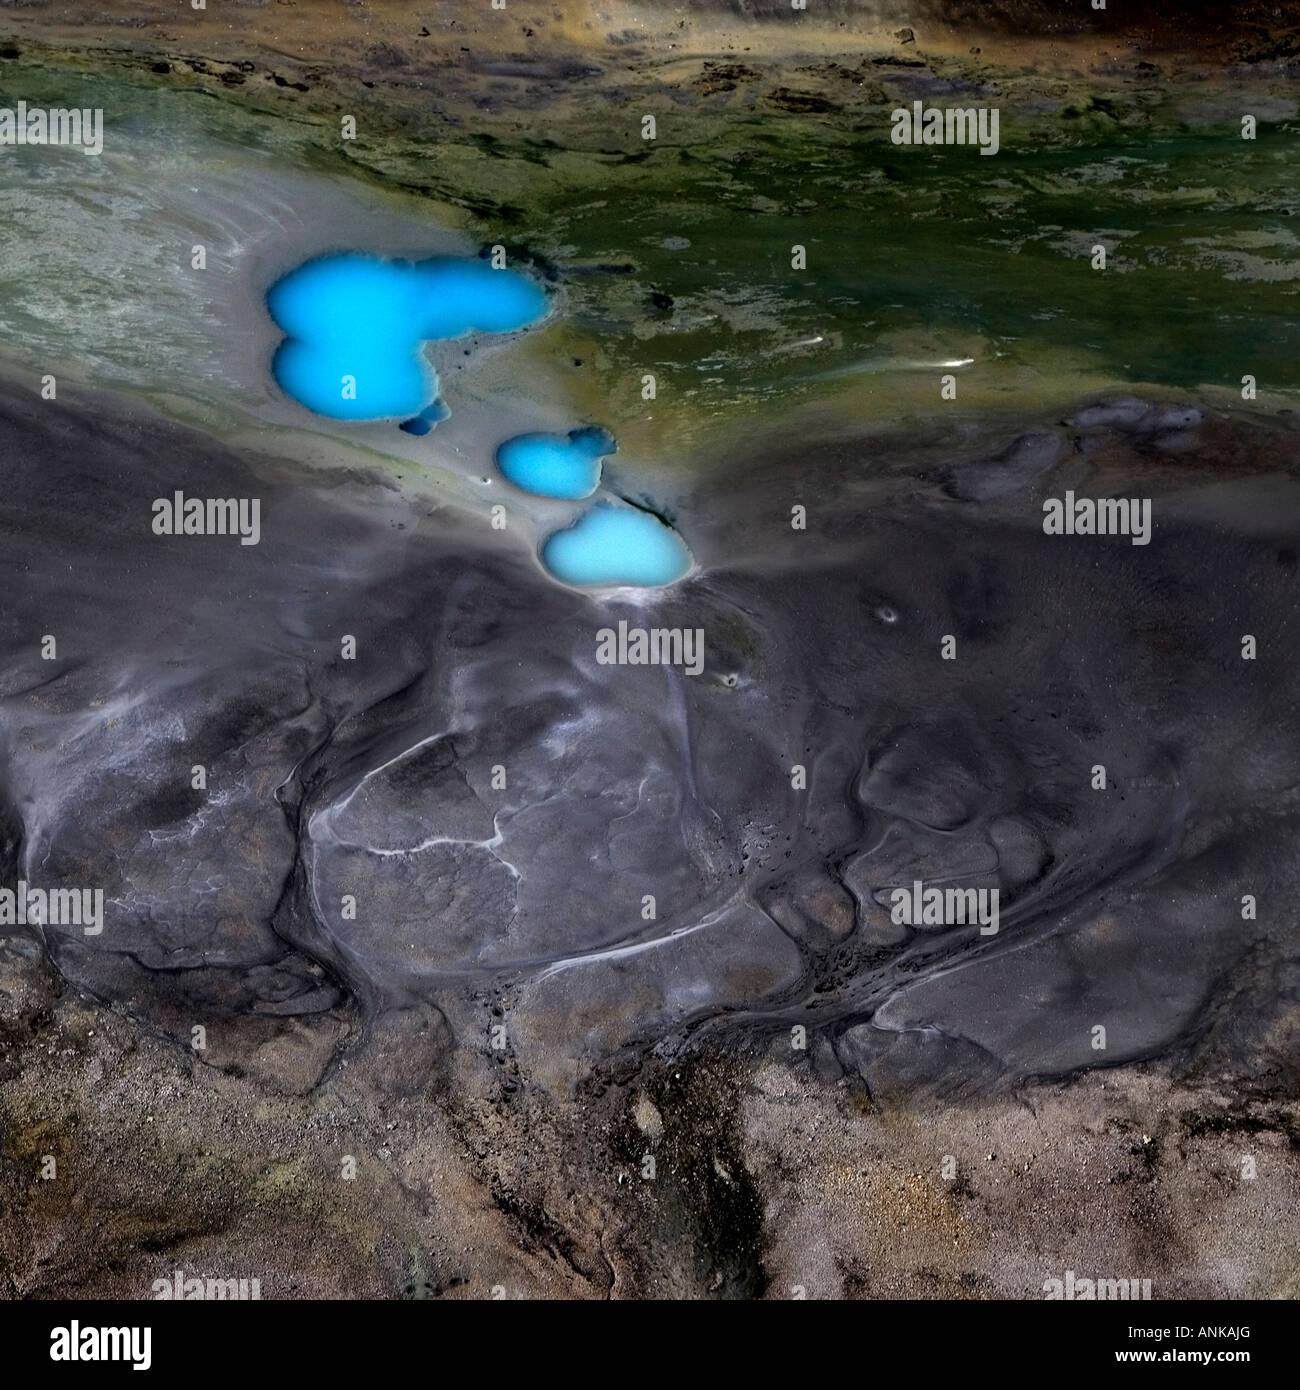 Luftaufnahme von Flüssen und Seen im Hochland von Island Stockbild